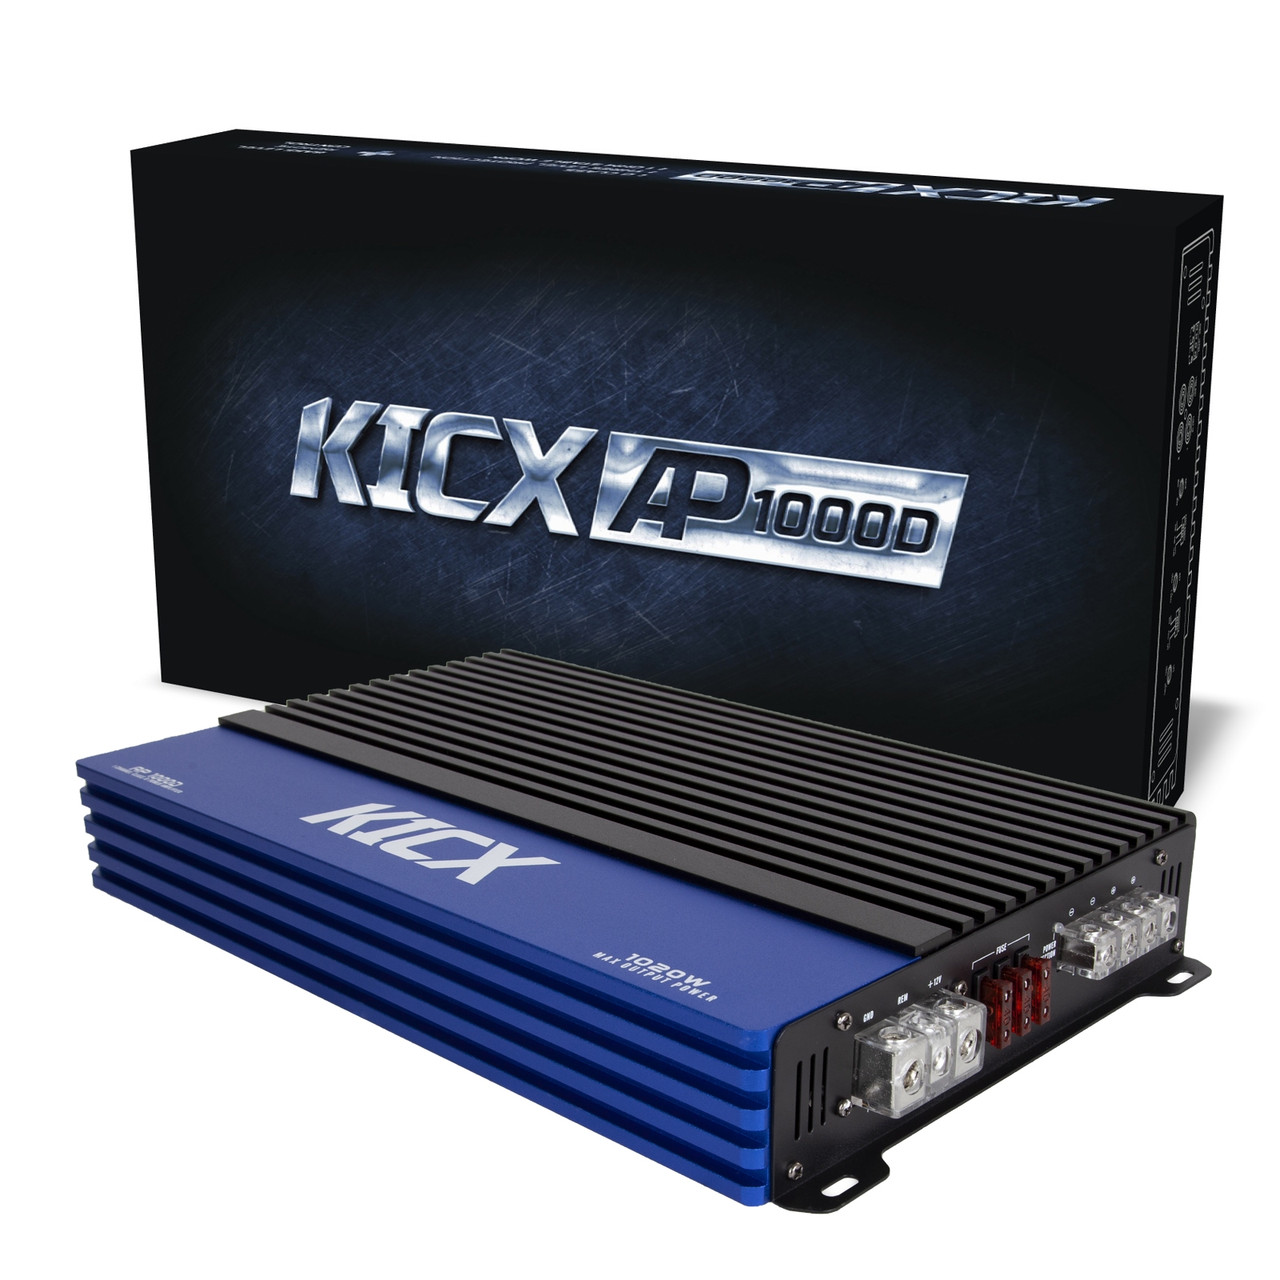 СКИДКА 500грн! Автомобильный усилитель Kicx AP 1000D 1-канальный